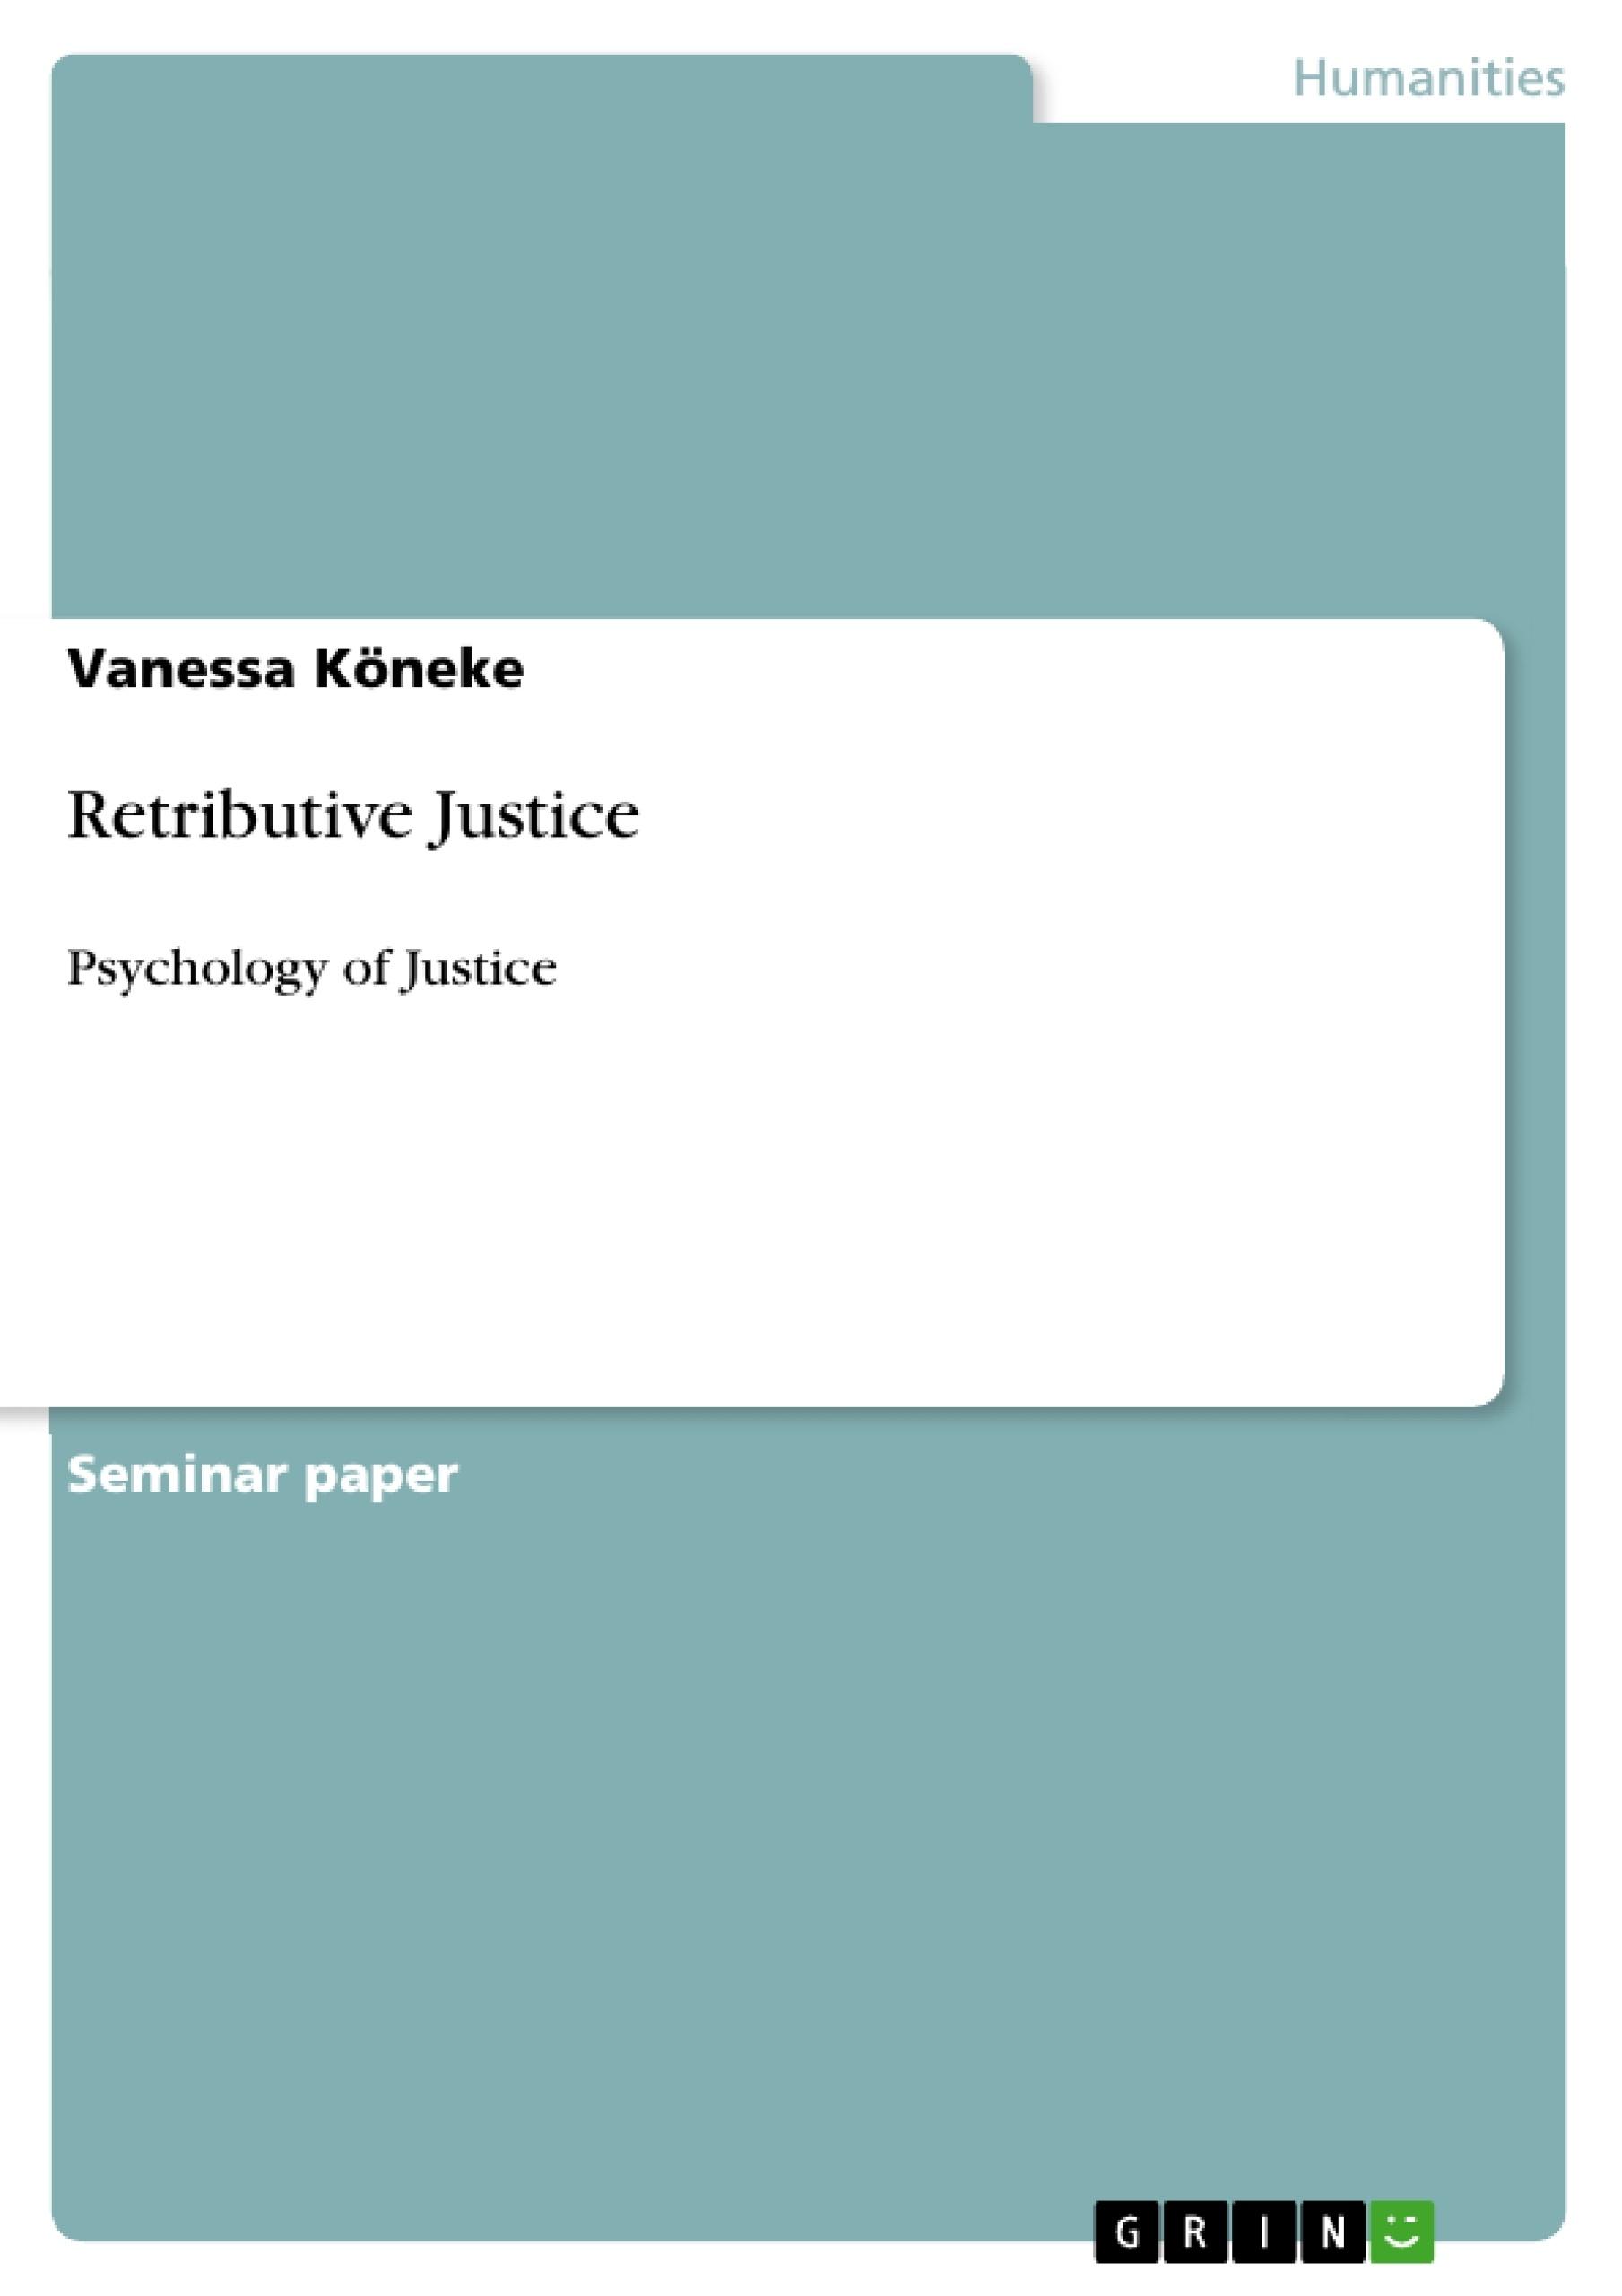 Title: Retributive Justice